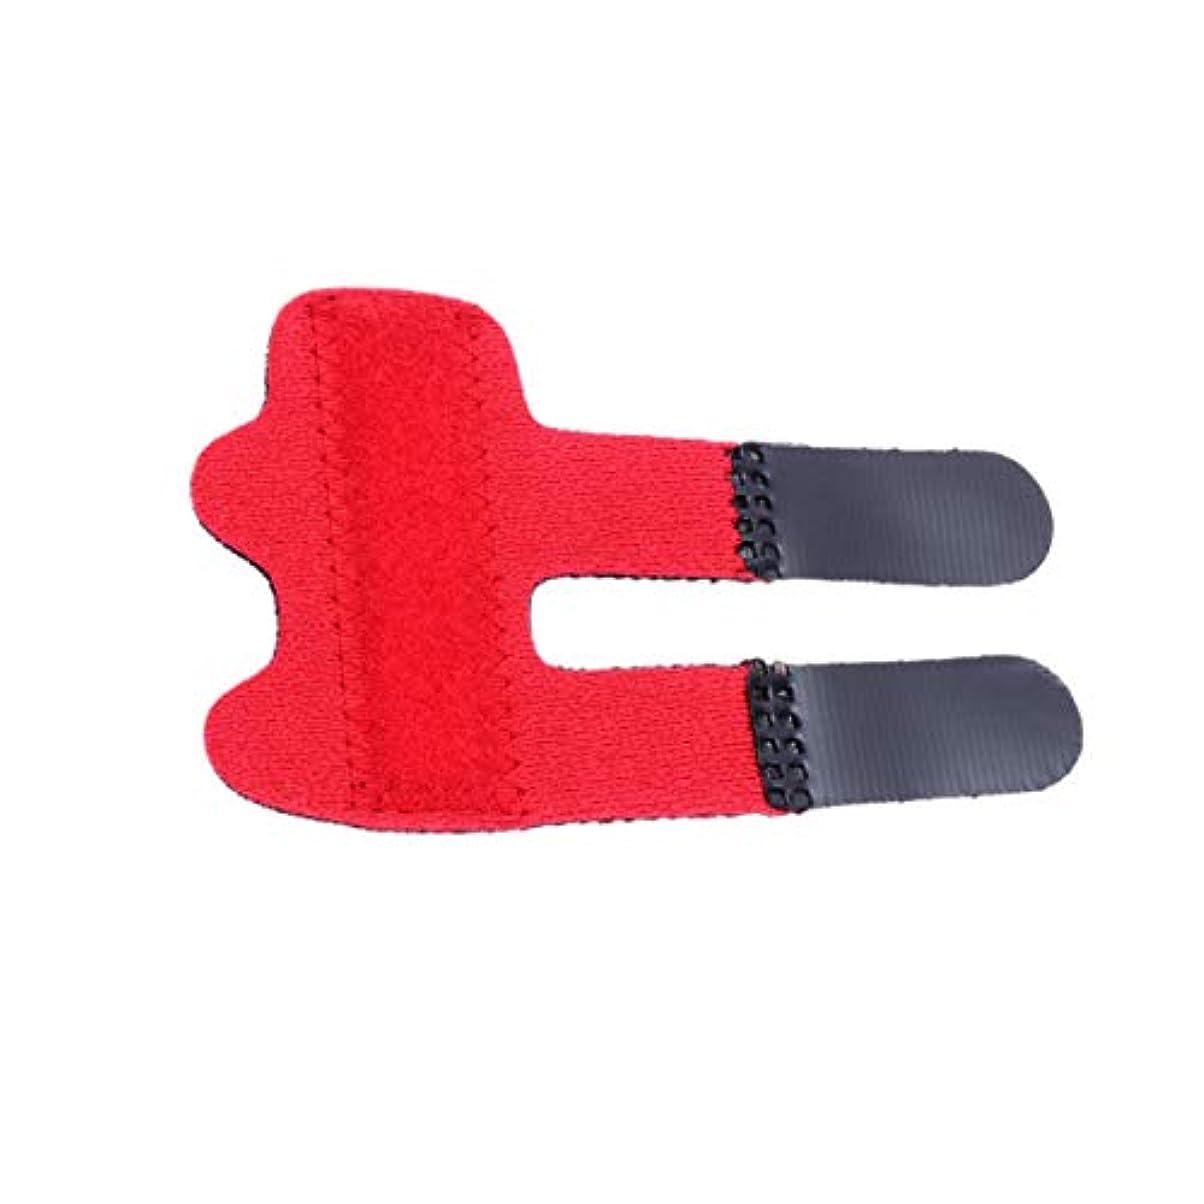 二度ステープルしっとりHealifty 指の添え木が指の袖を支える親指の添え木ブレースが壊れた指の腱の痛みを和らげます1pc(赤)